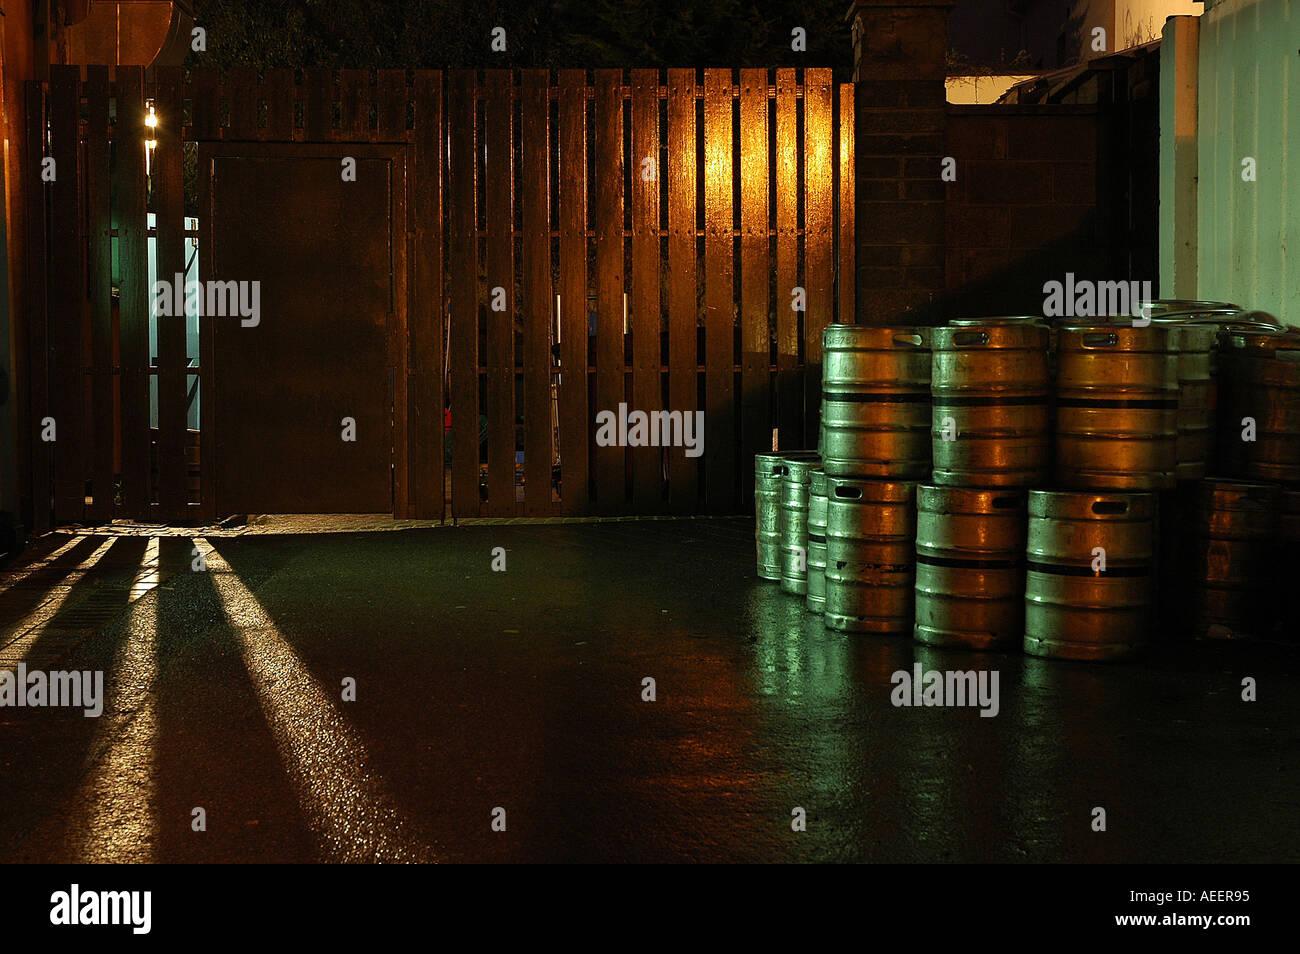 Beer barrels at night - Stock Image